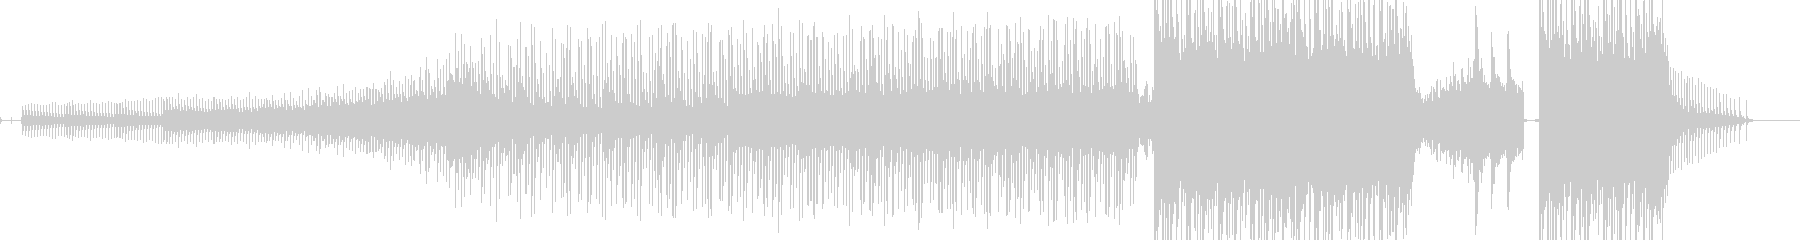 ひたすら恐怖感を描いたホラーBGMの未再生の波形